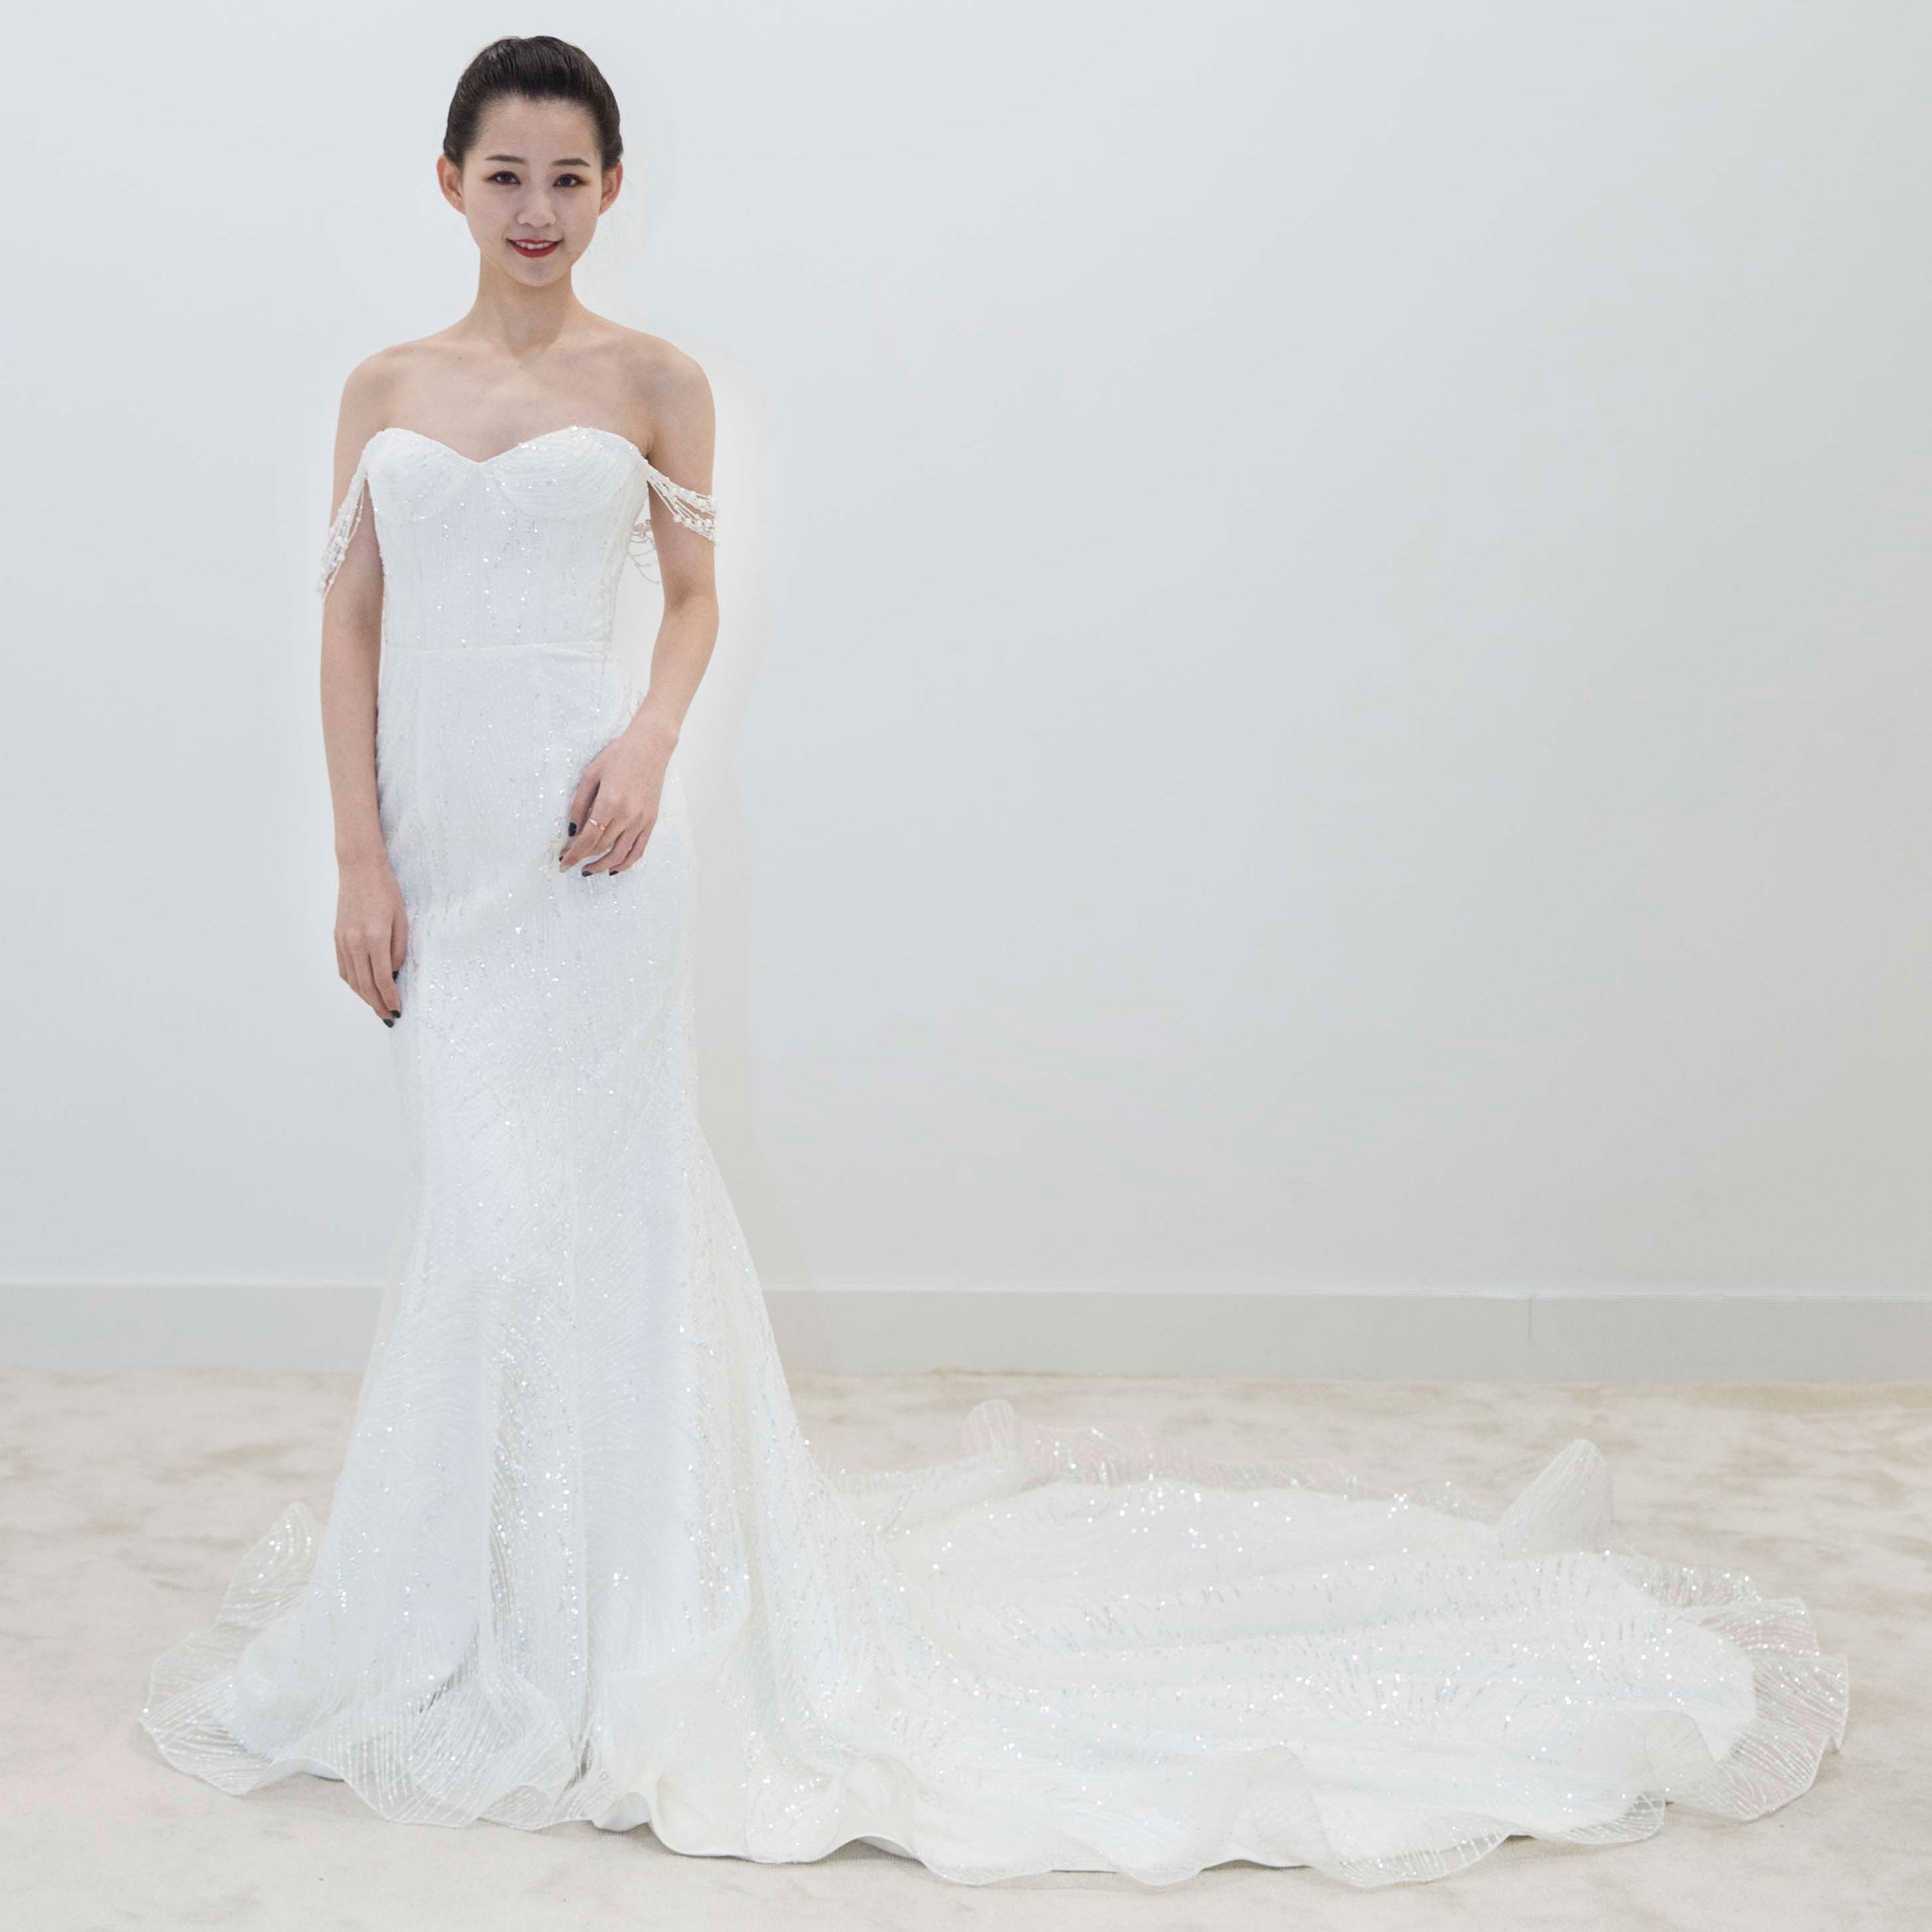 真爱殿堂 兰玉 抹胸 蕾丝 包身 亮片婚纱